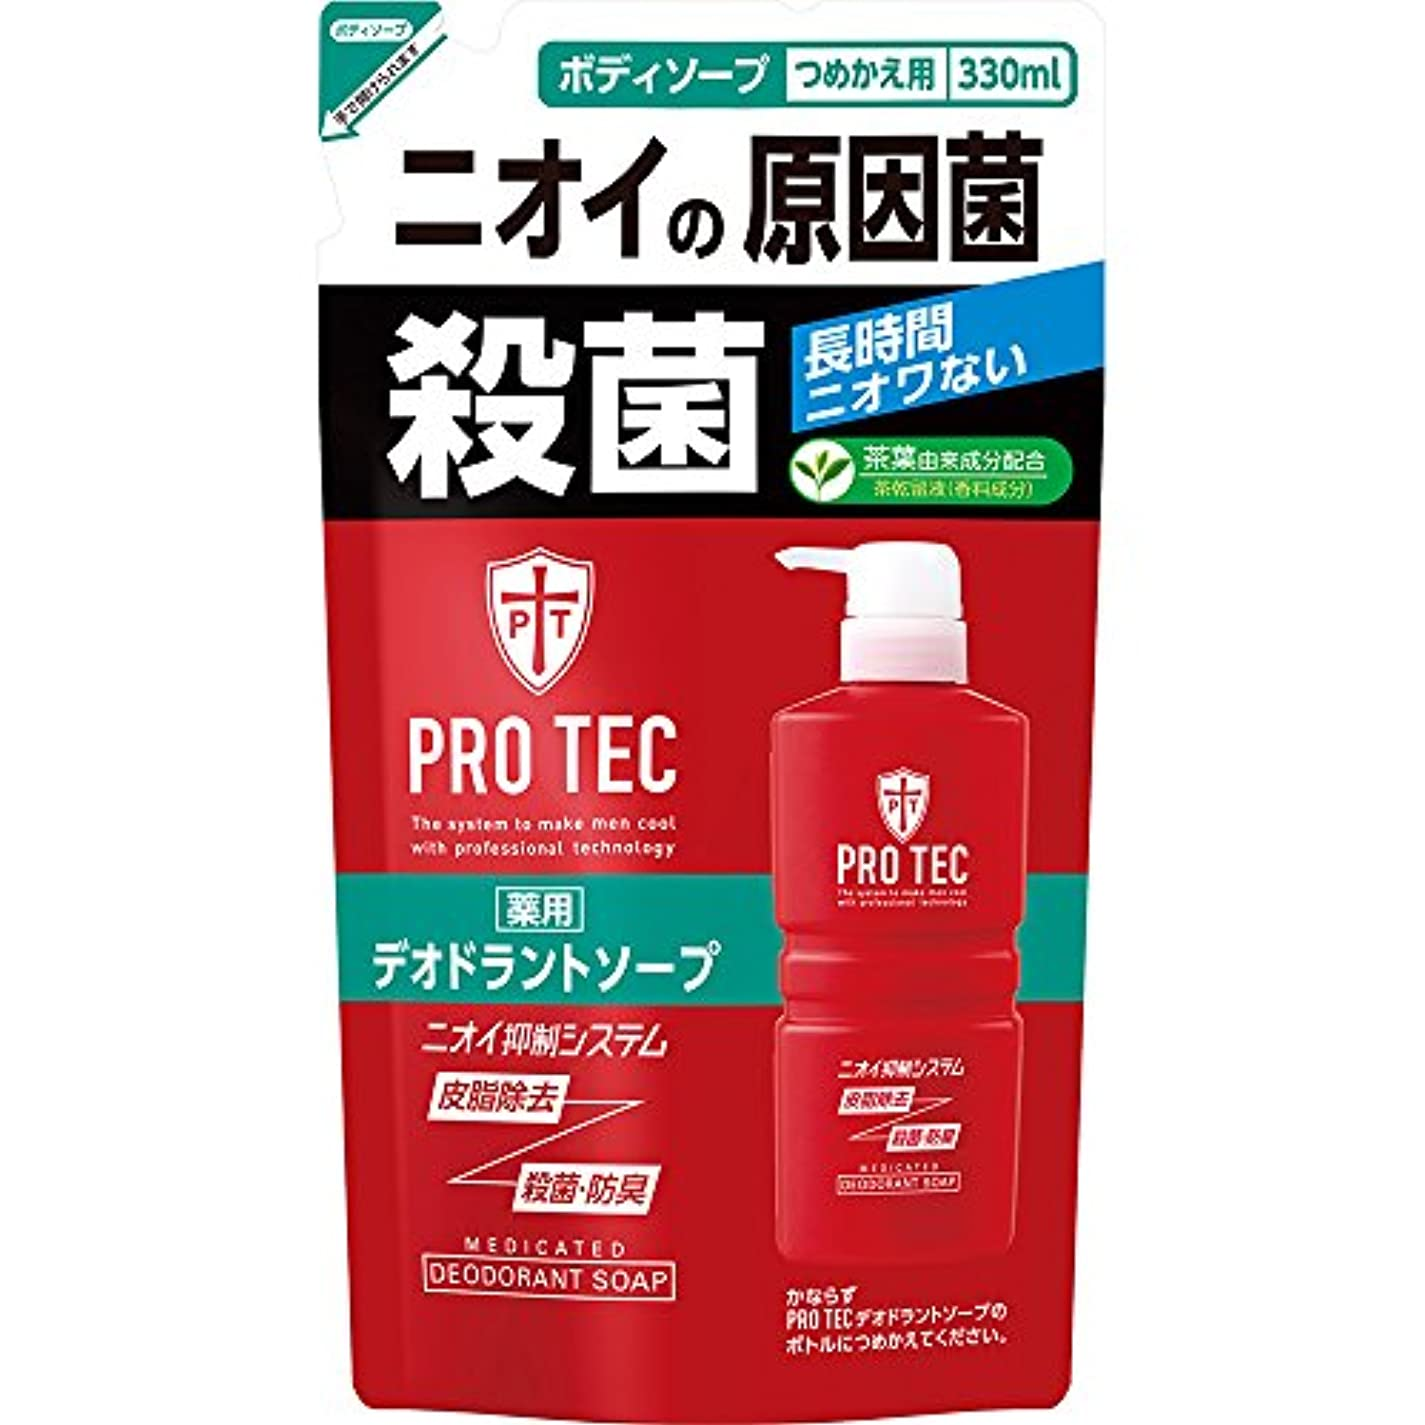 以内に光沢海里PRO TEC(プロテク) デオドラントソープ 詰め替え 330ml(医薬部外品)